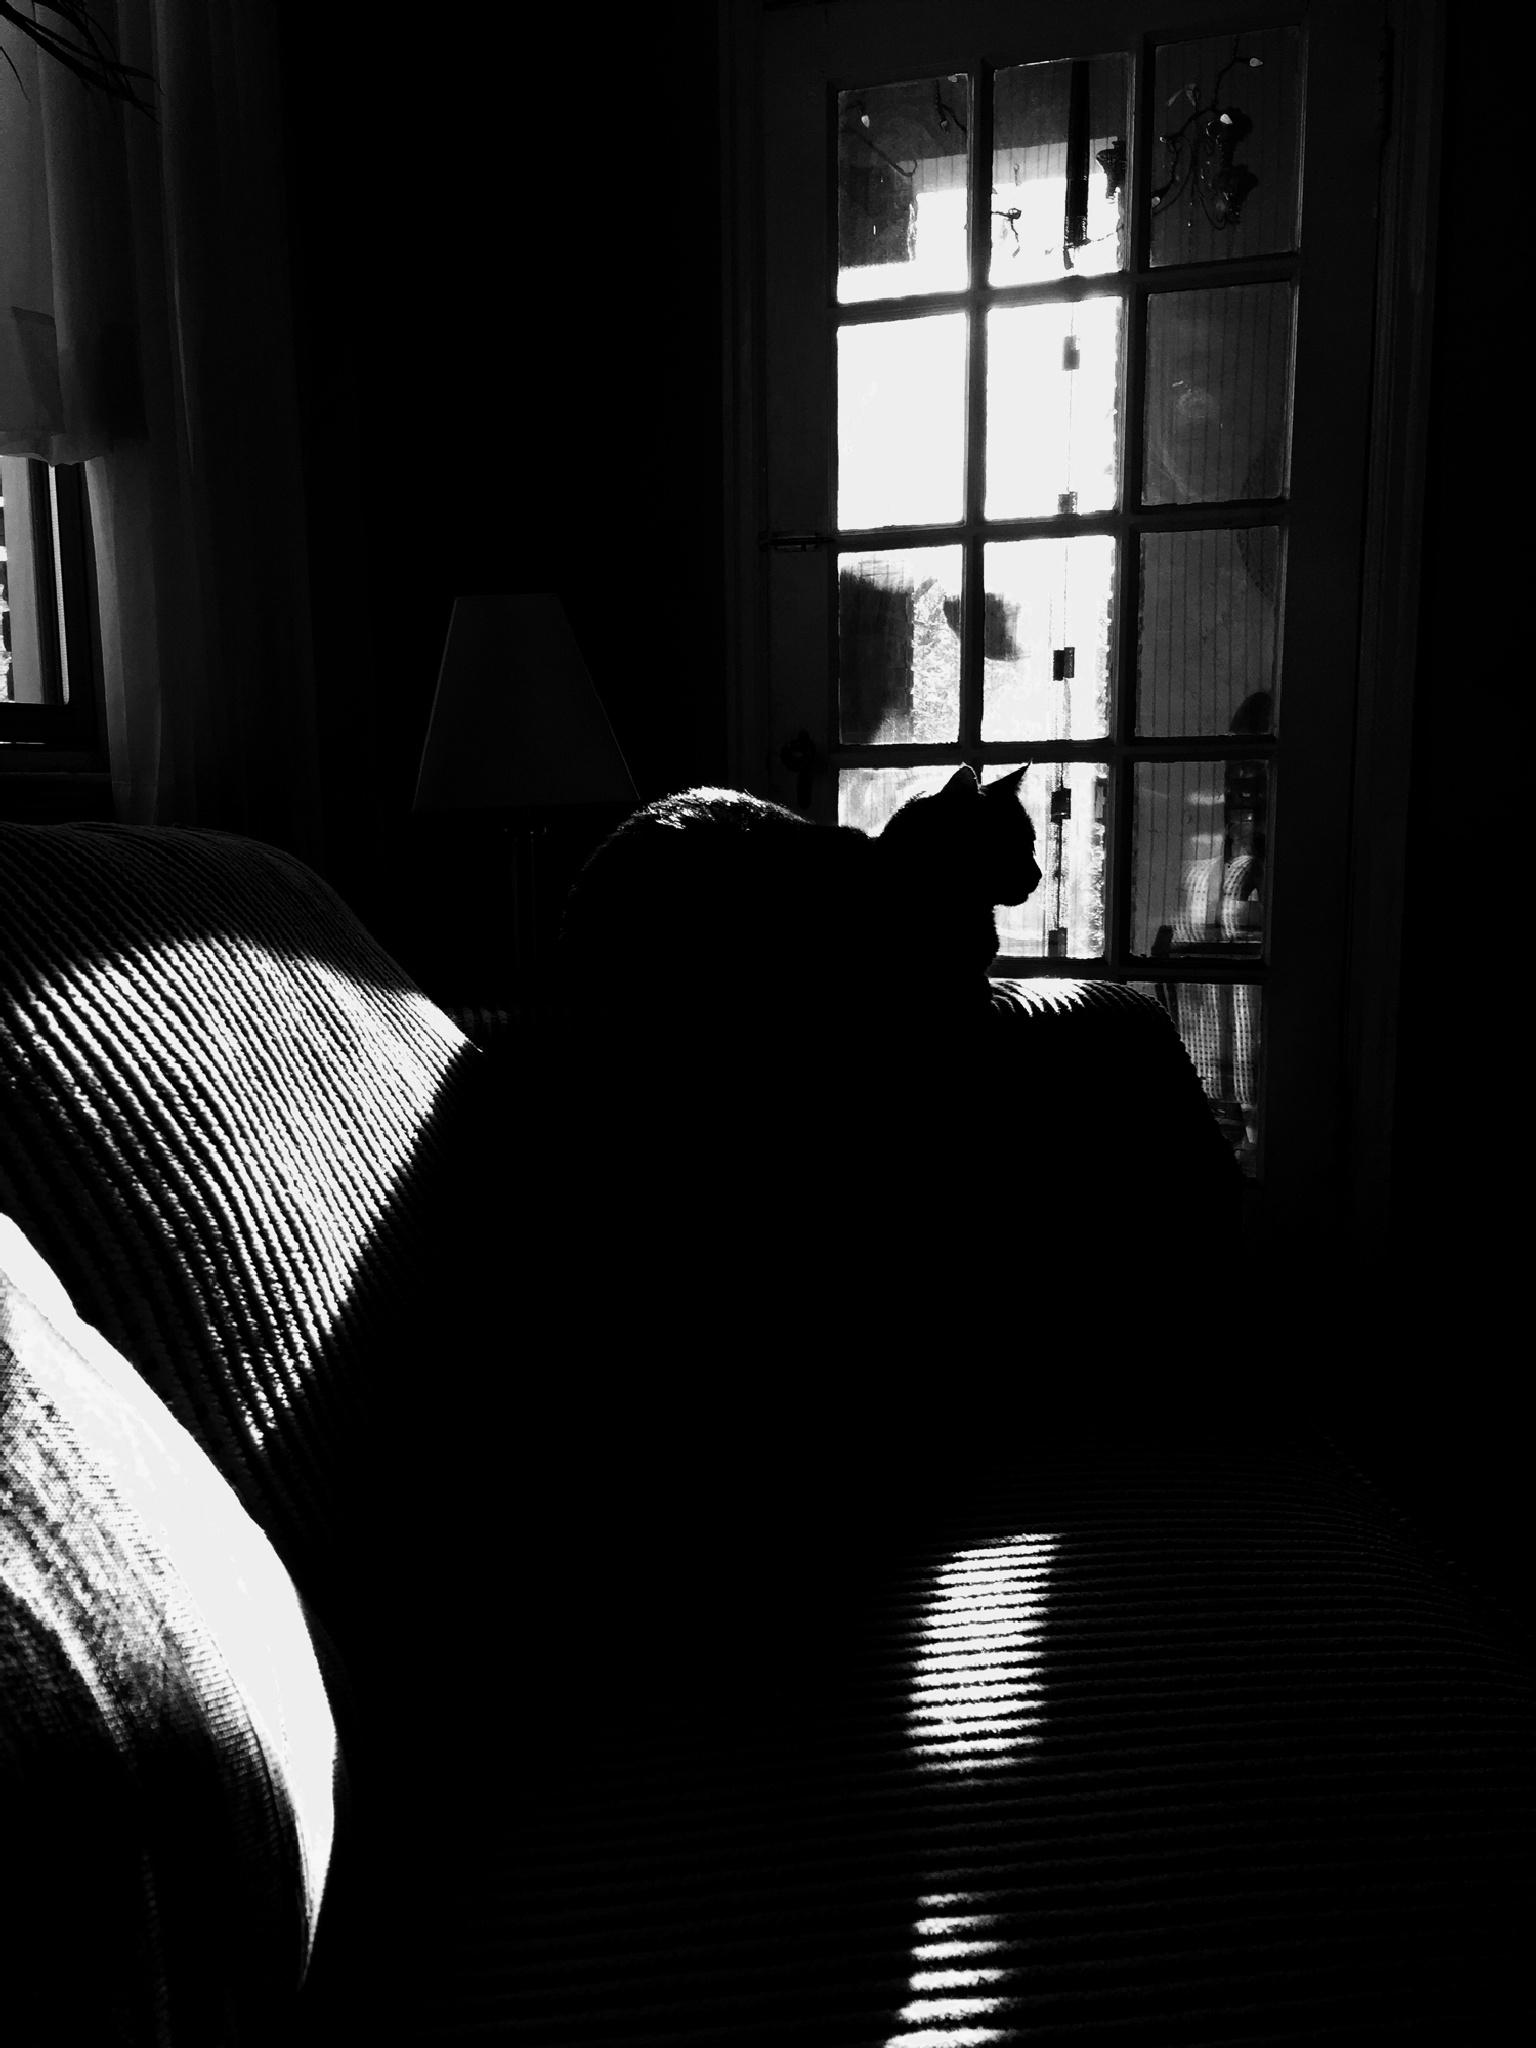 Hoo dat cat by glassworx2